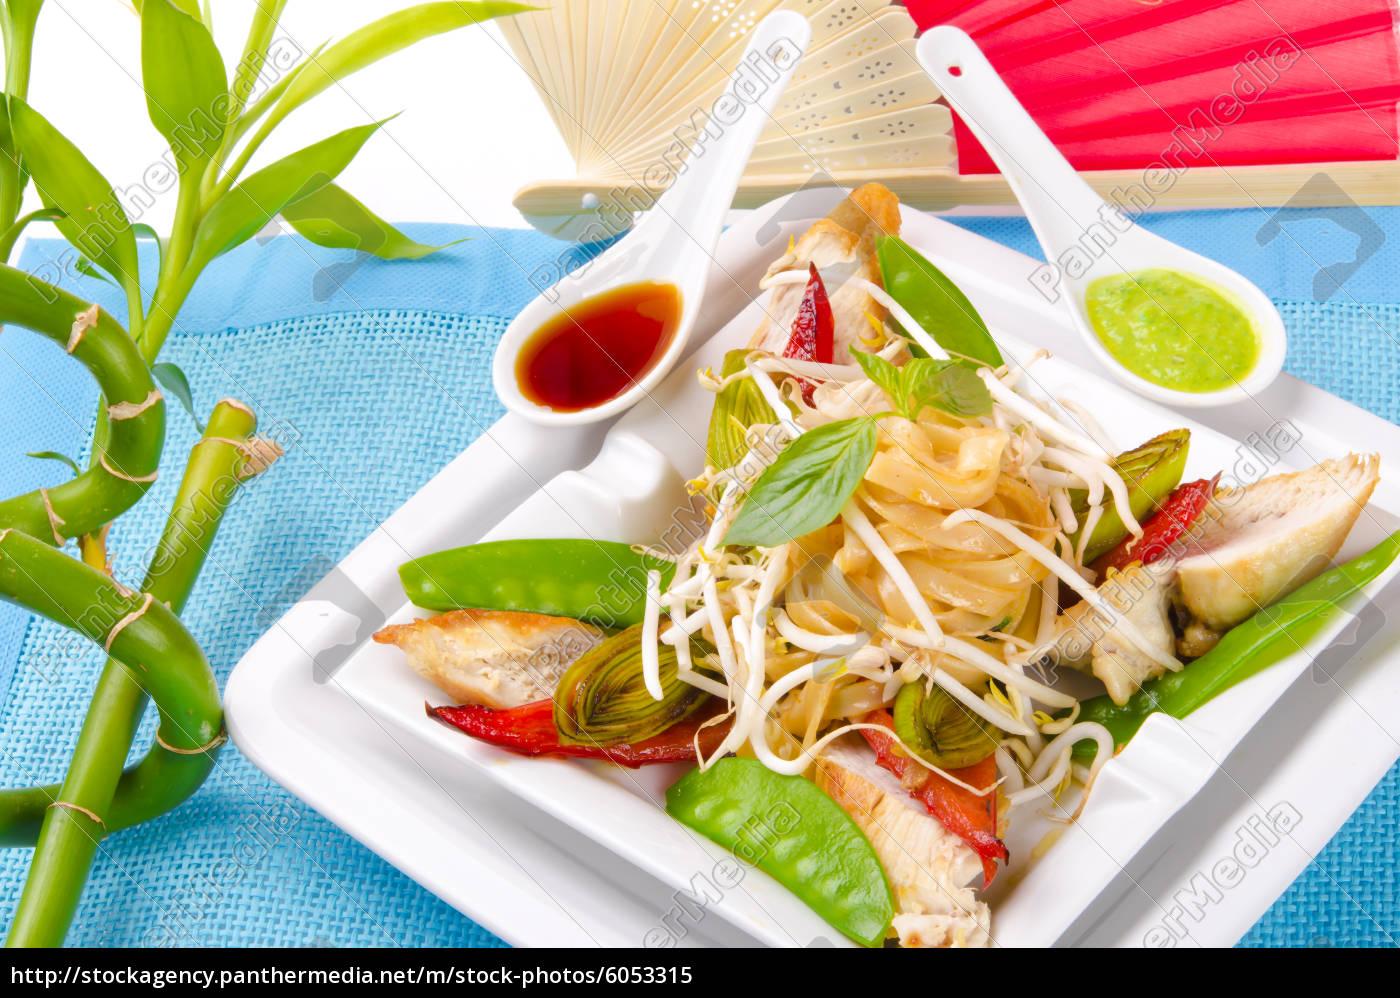 thailändisches, schaf, gebratenes, hühnerbrustfilet - 6053315